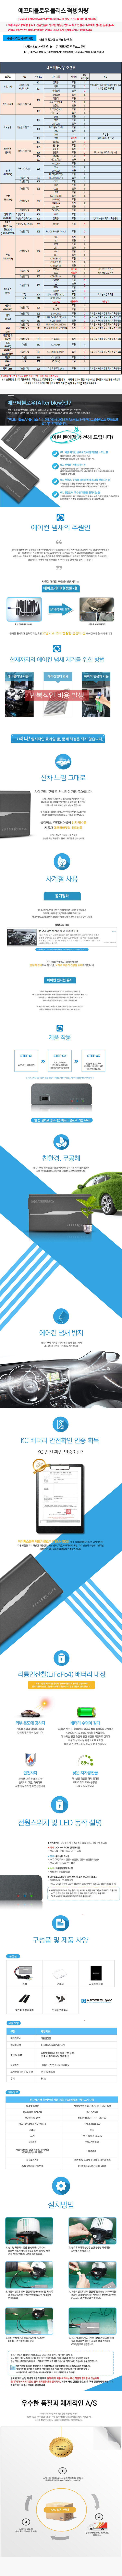 [아이트로닉스]아이패스블랙 차량용 에어컨 에바포레이터 습기 건조기,애프터블로우 ITBM-100